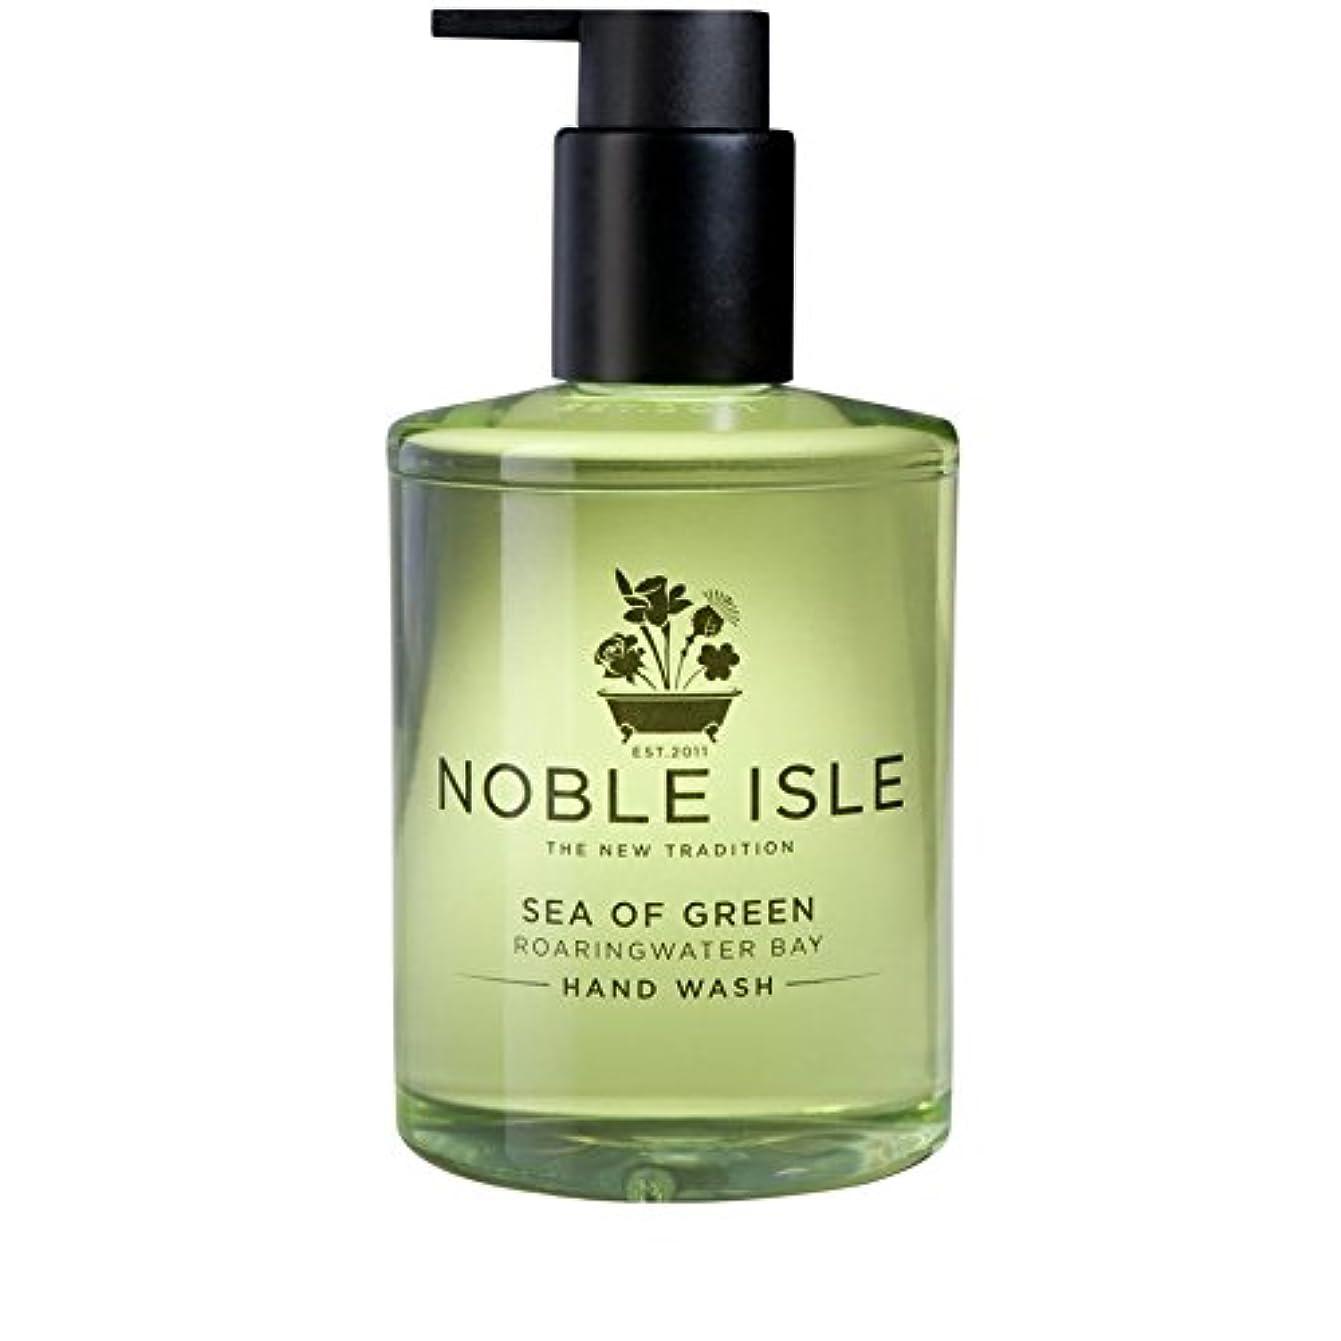 裁判官鮮やかなマウス緑ベイハンドウォッシュ250ミリリットルの高貴な島の海 x2 - Noble Isle Sea of Green Roaringwater Bay Hand Wash 250ml (Pack of 2) [並行輸入品]